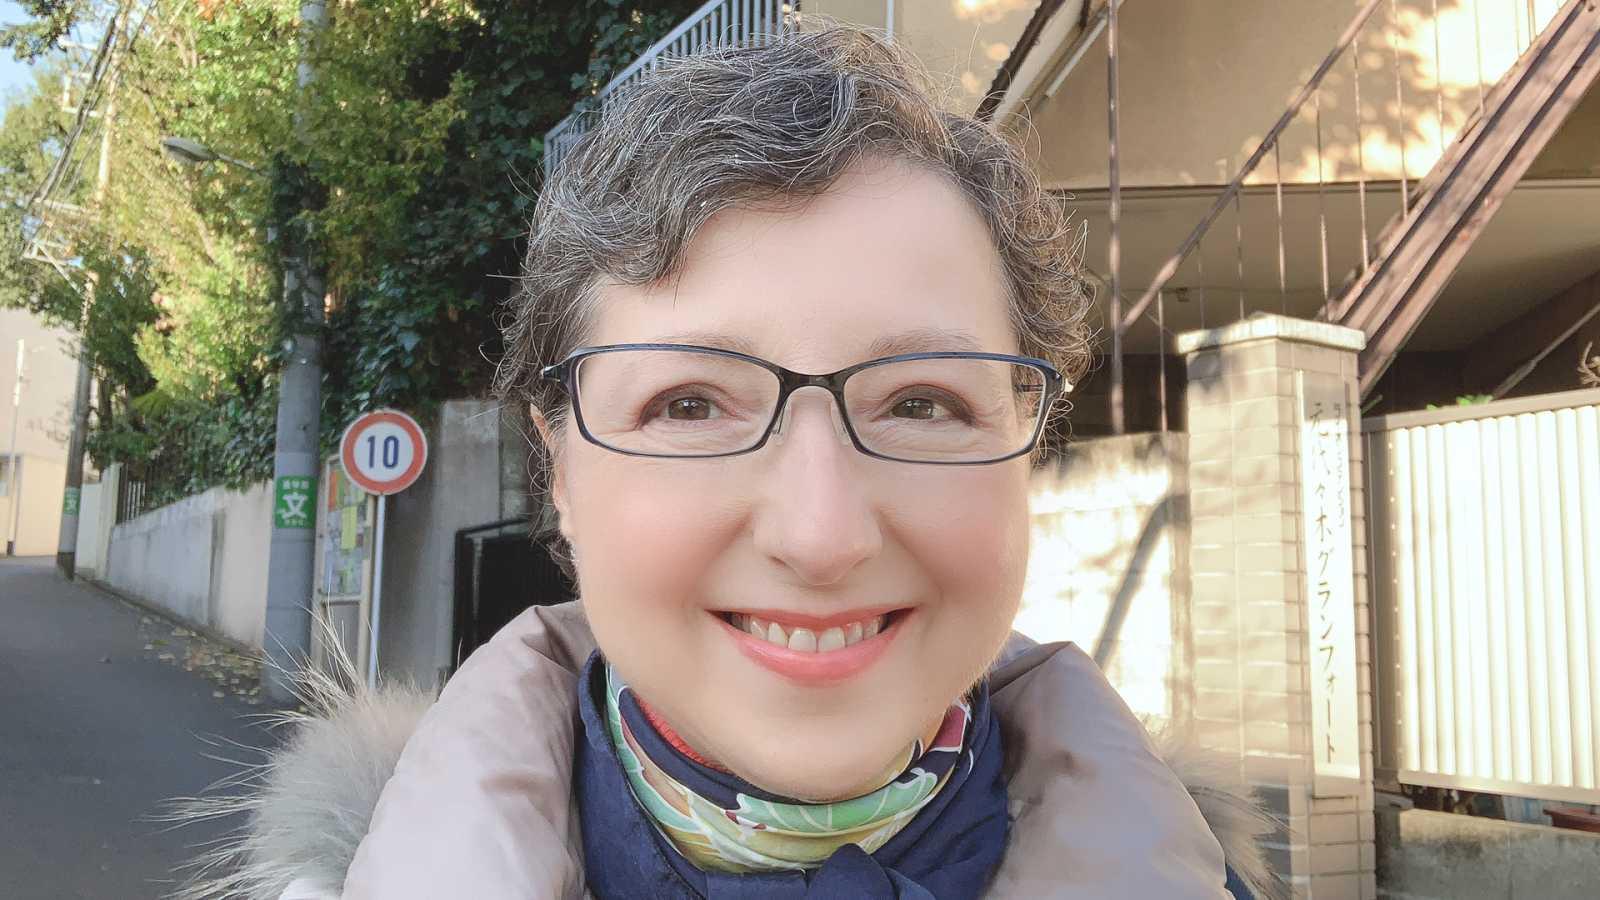 Punto de enlace - Ana San Gabriel, comunicadora científica en Tokio - 10/12/19 - escuchar ahora